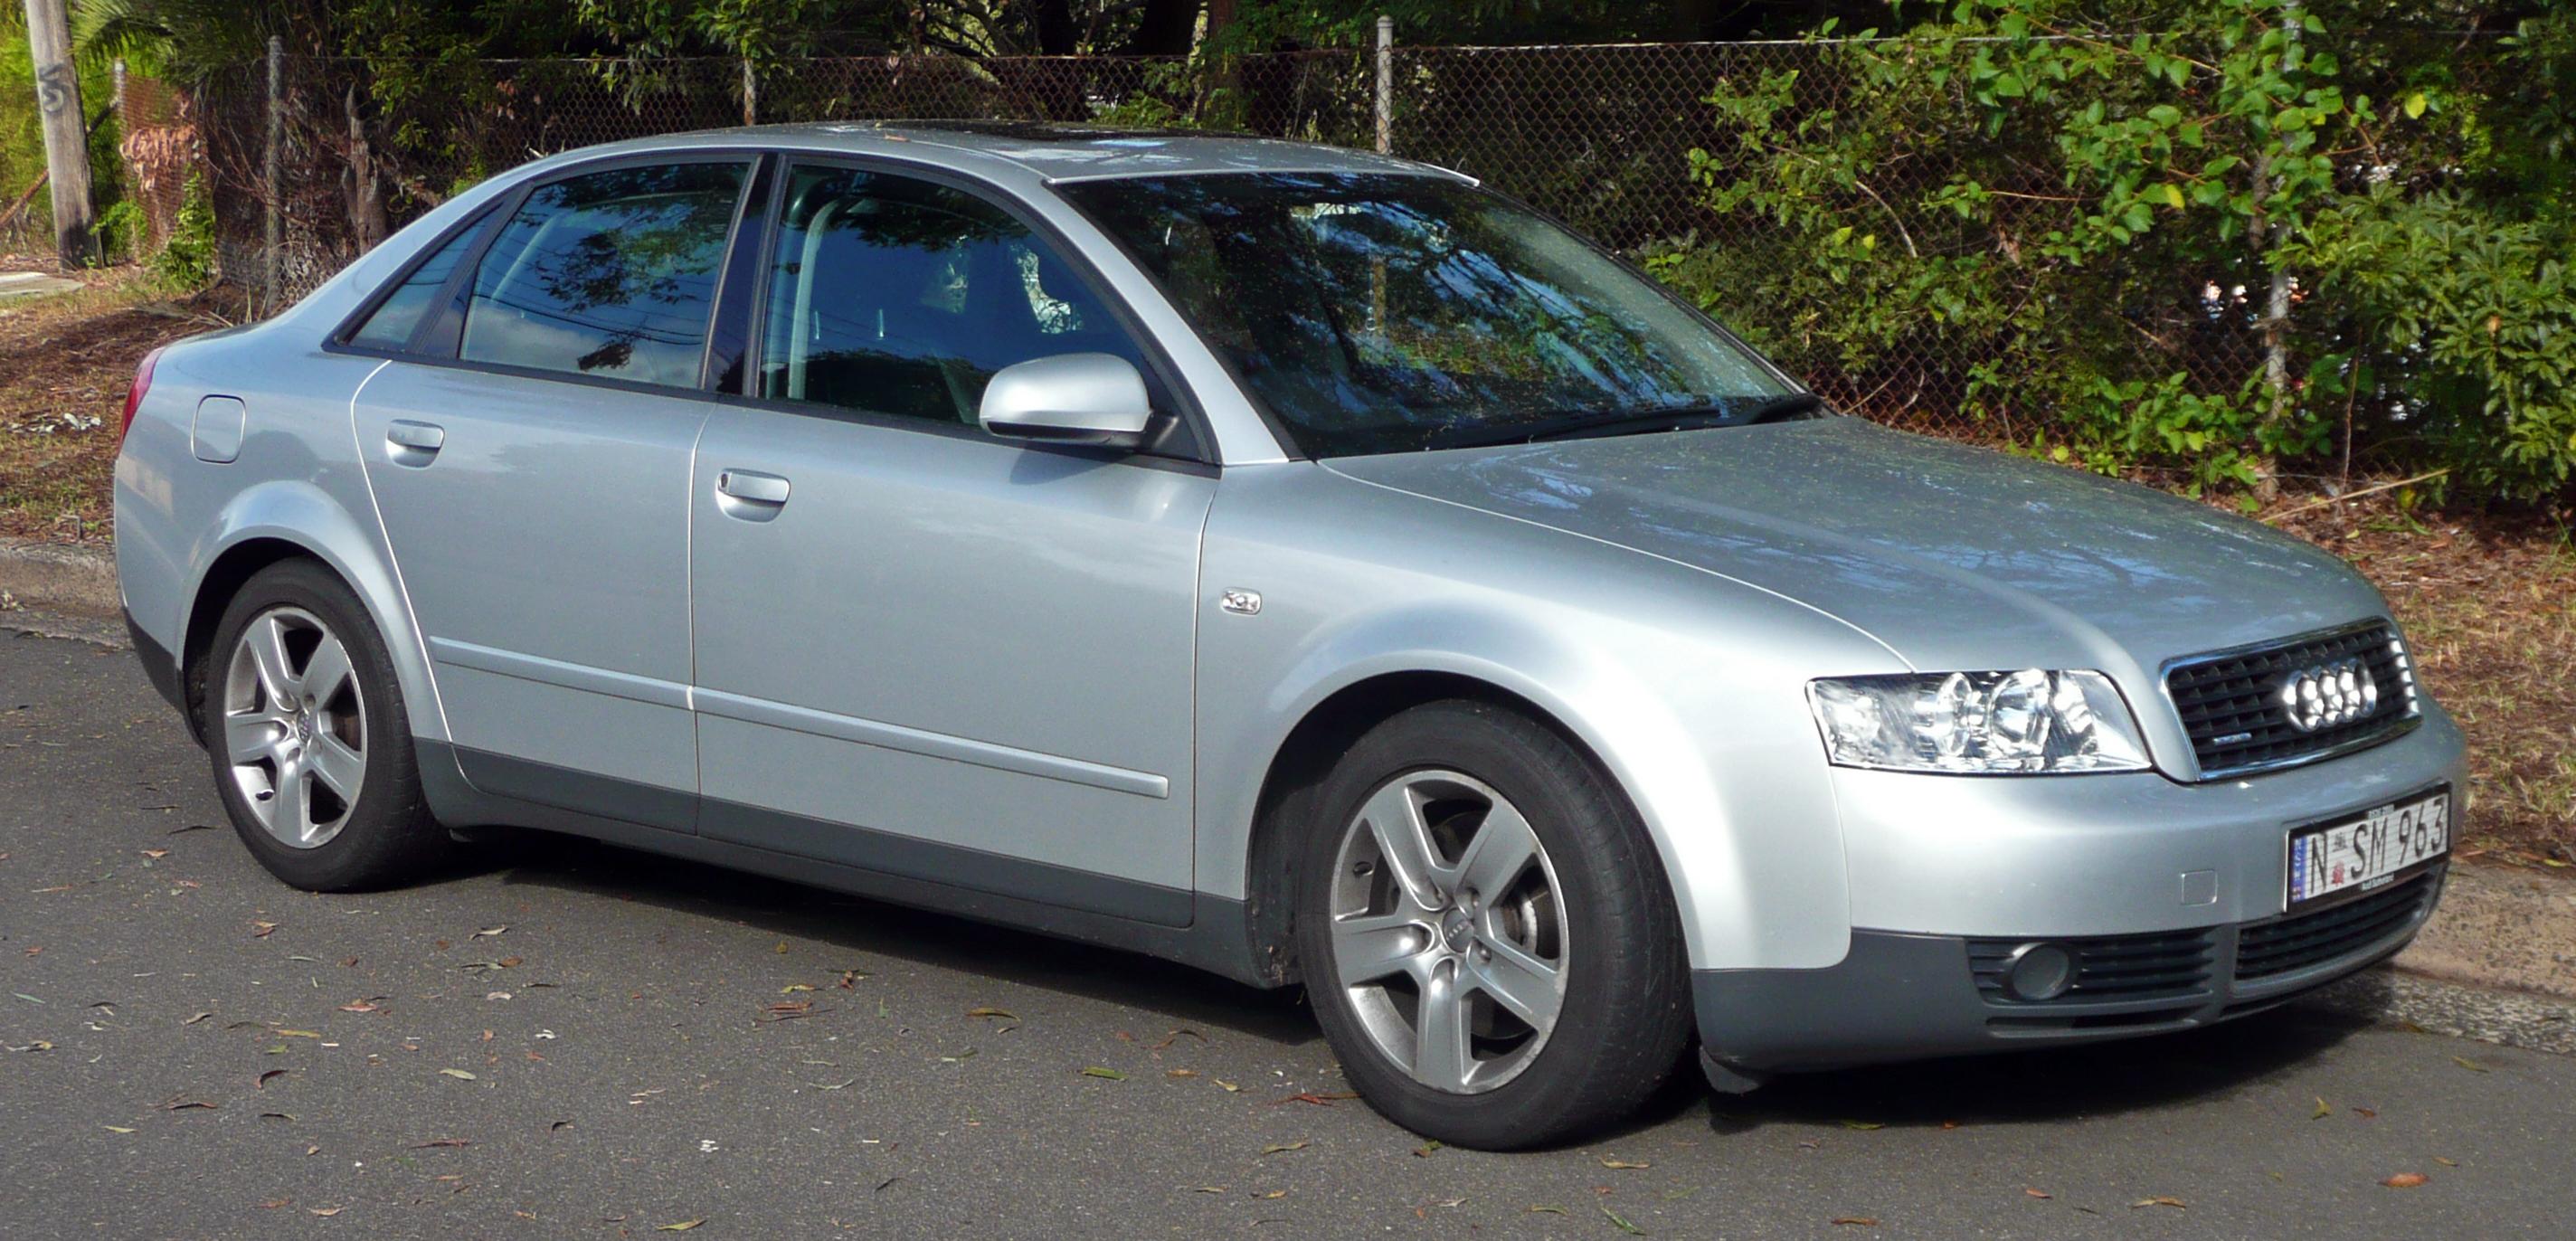 file:2001-2005 audi a4 (8e) 1.8t quattro sedan 01 - wikimedia